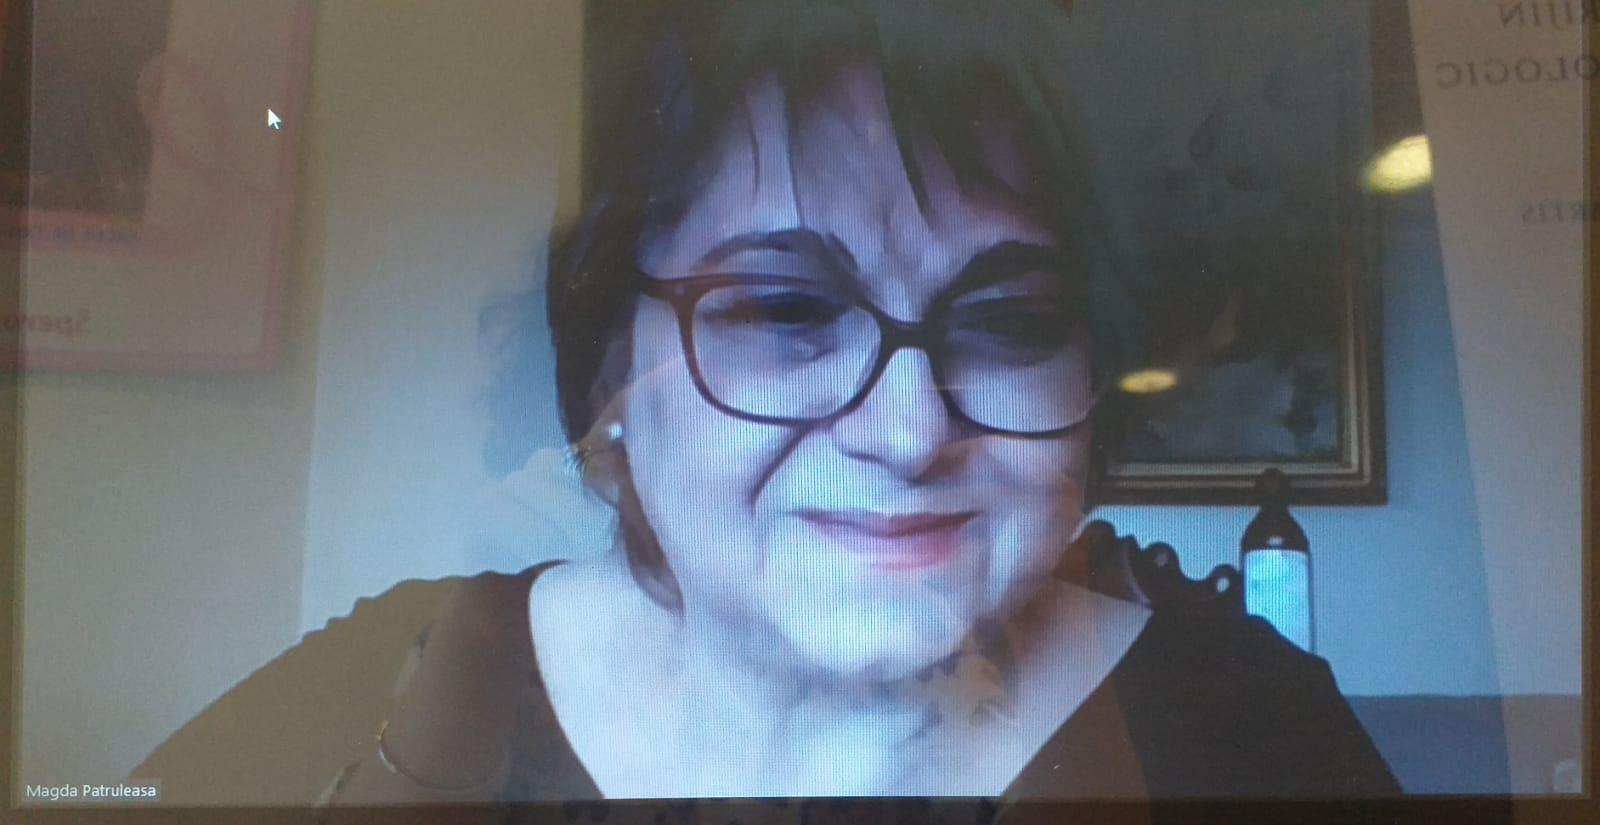 Dna. Magdalena Patruleasa